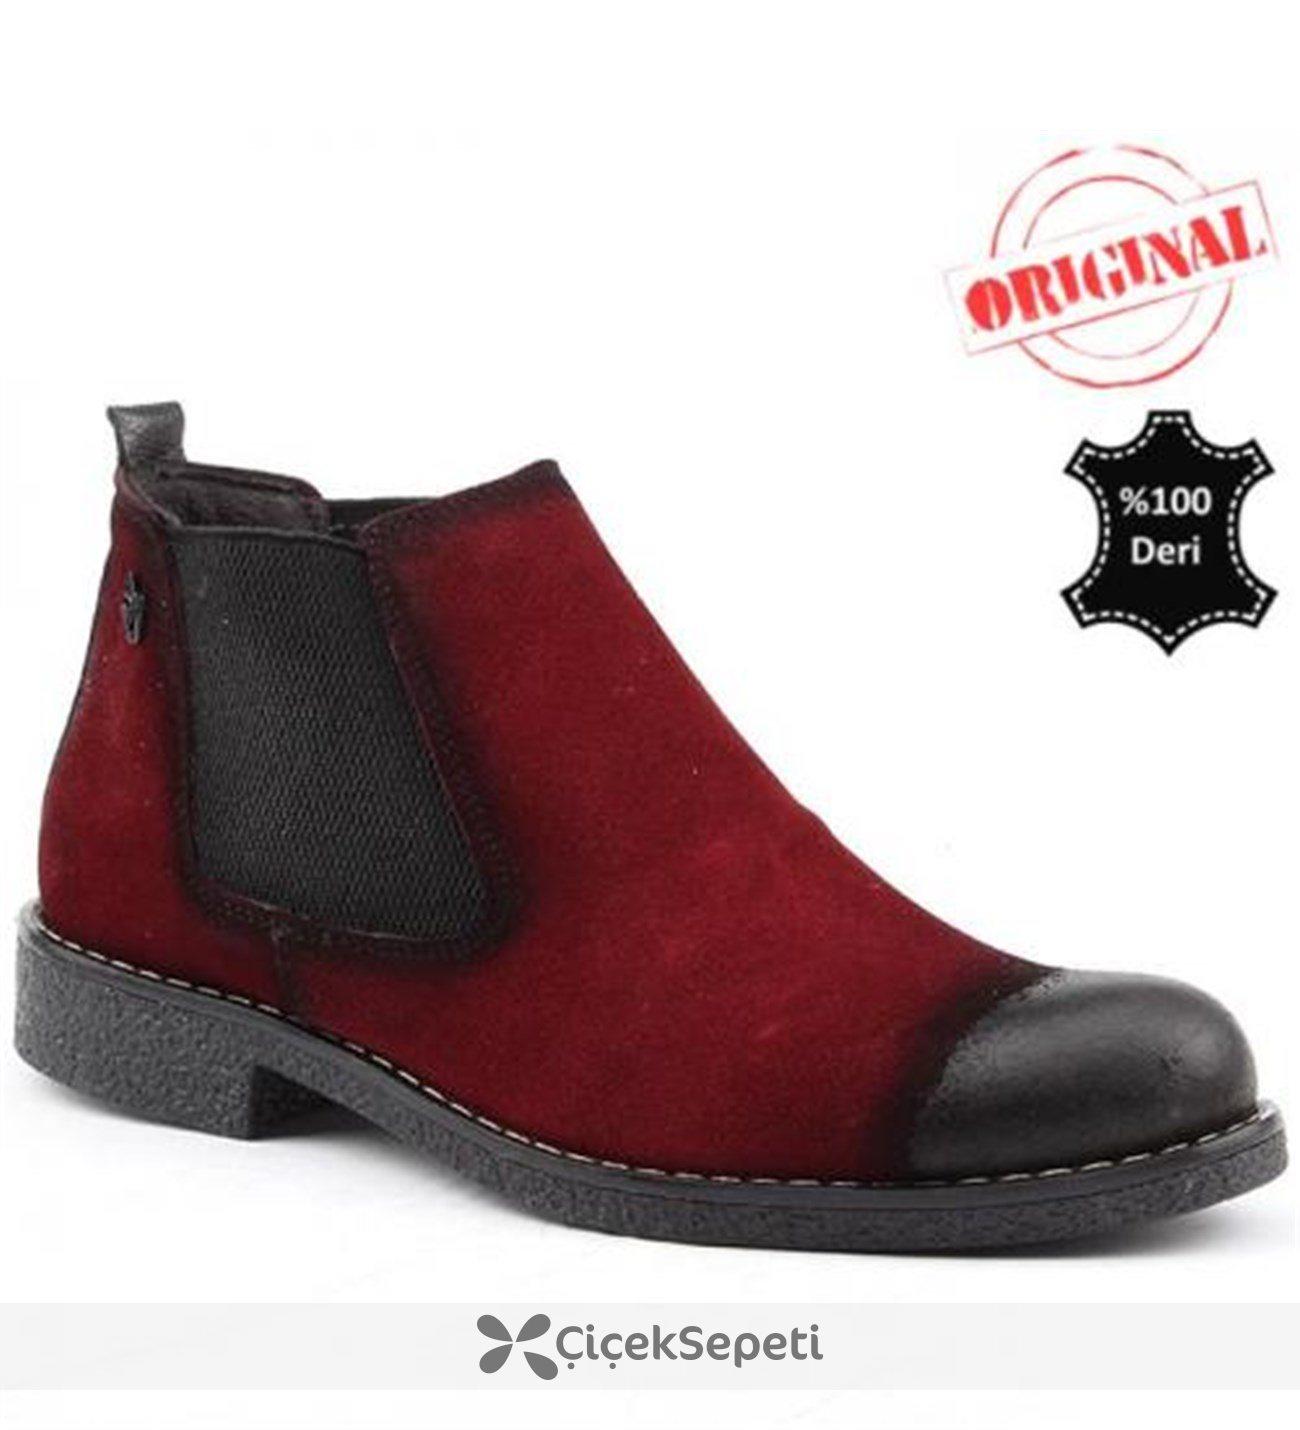 Antioch FS %100 Deri  Erkek Bot Ayakkabı Günlük